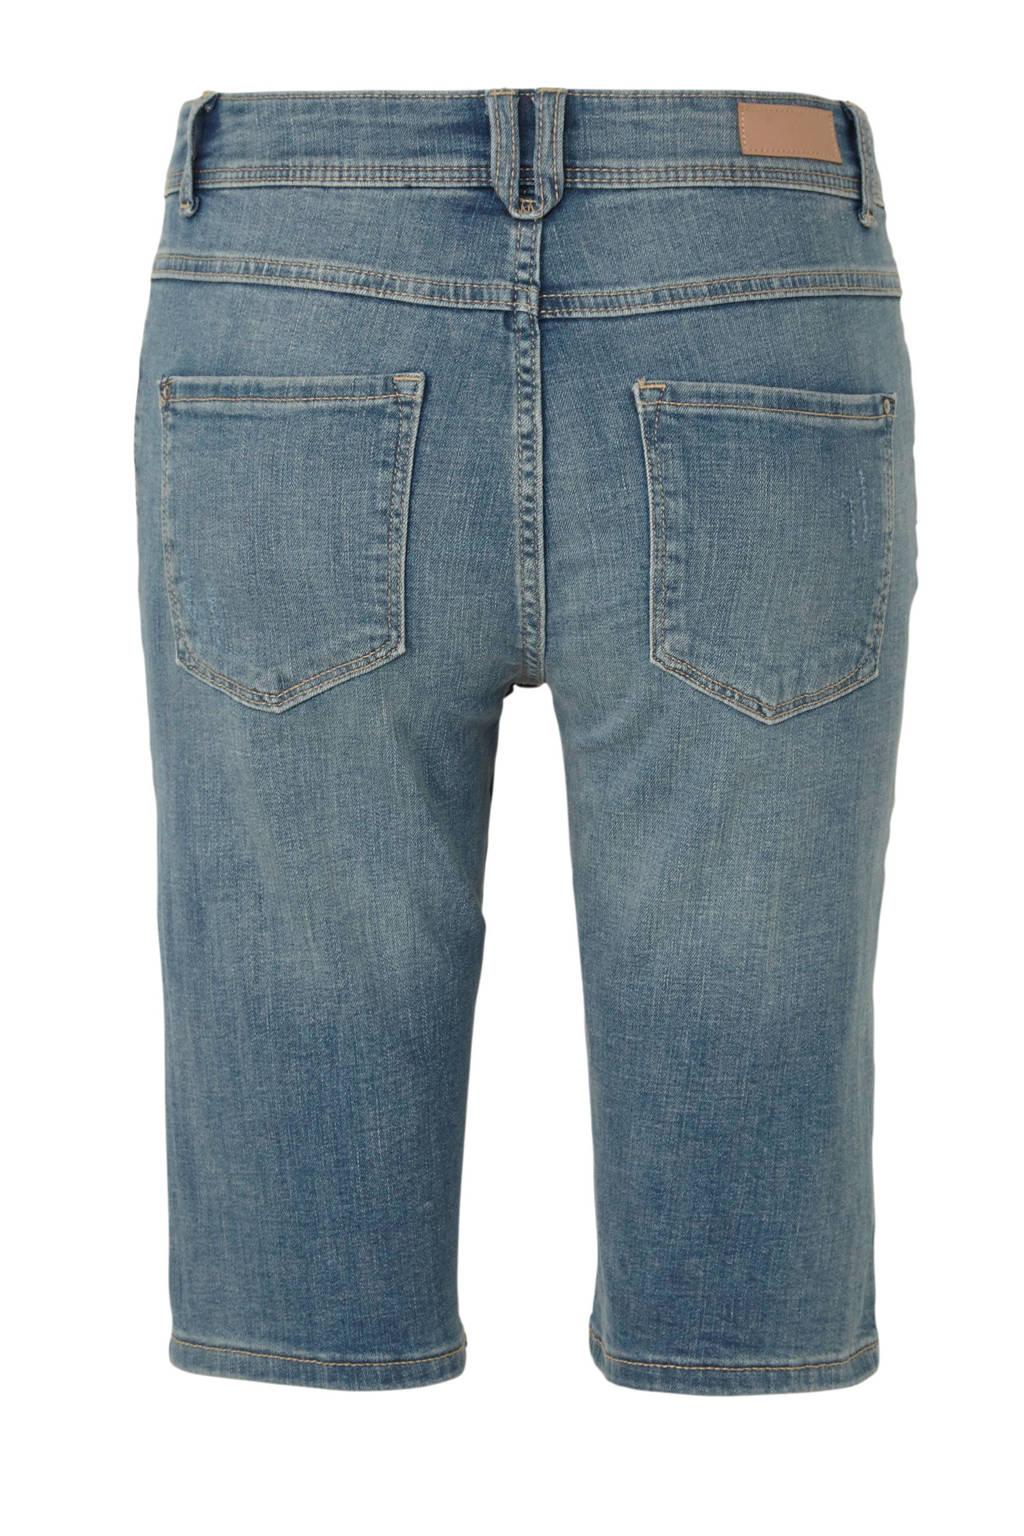 C&A Yessica jeans short dark denim, Dark denim